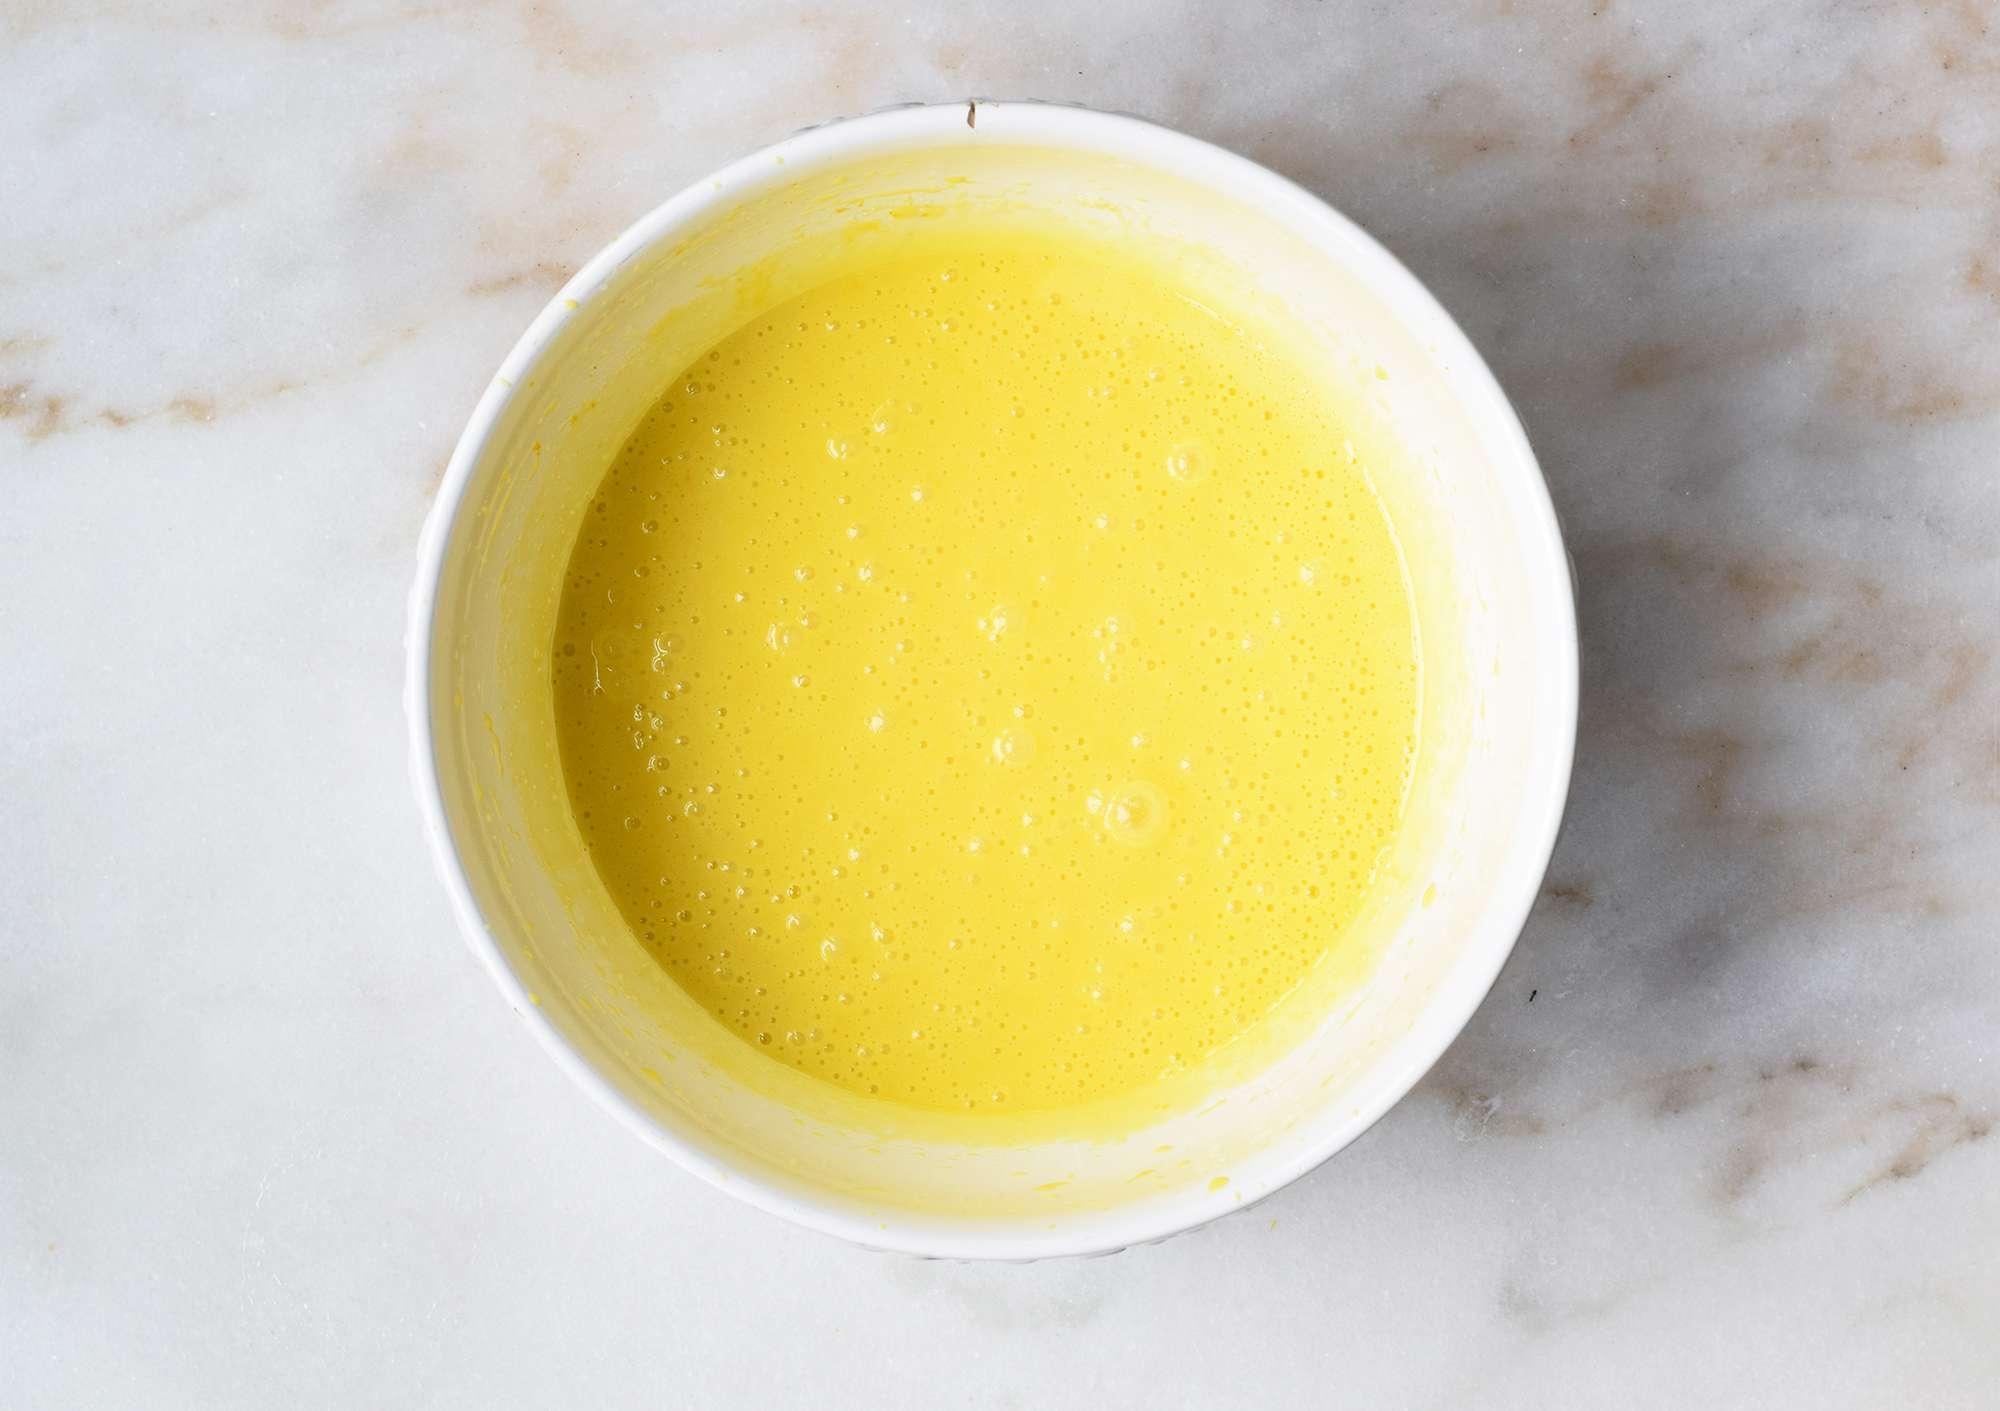 olive oil beaten into cake batter